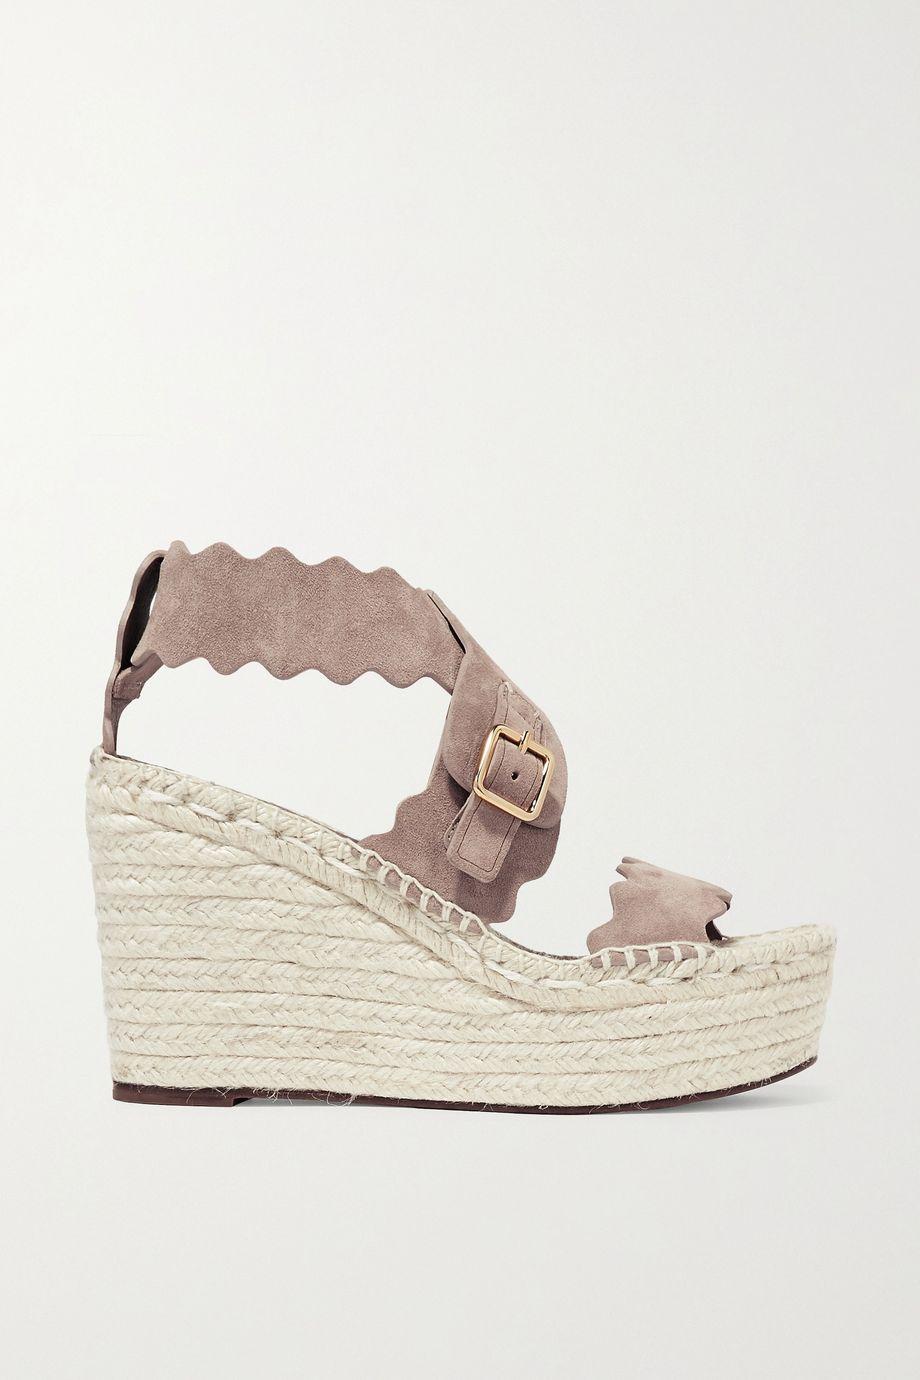 Chloé Lauren 扇贝边绒面革麻底坡跟凉鞋